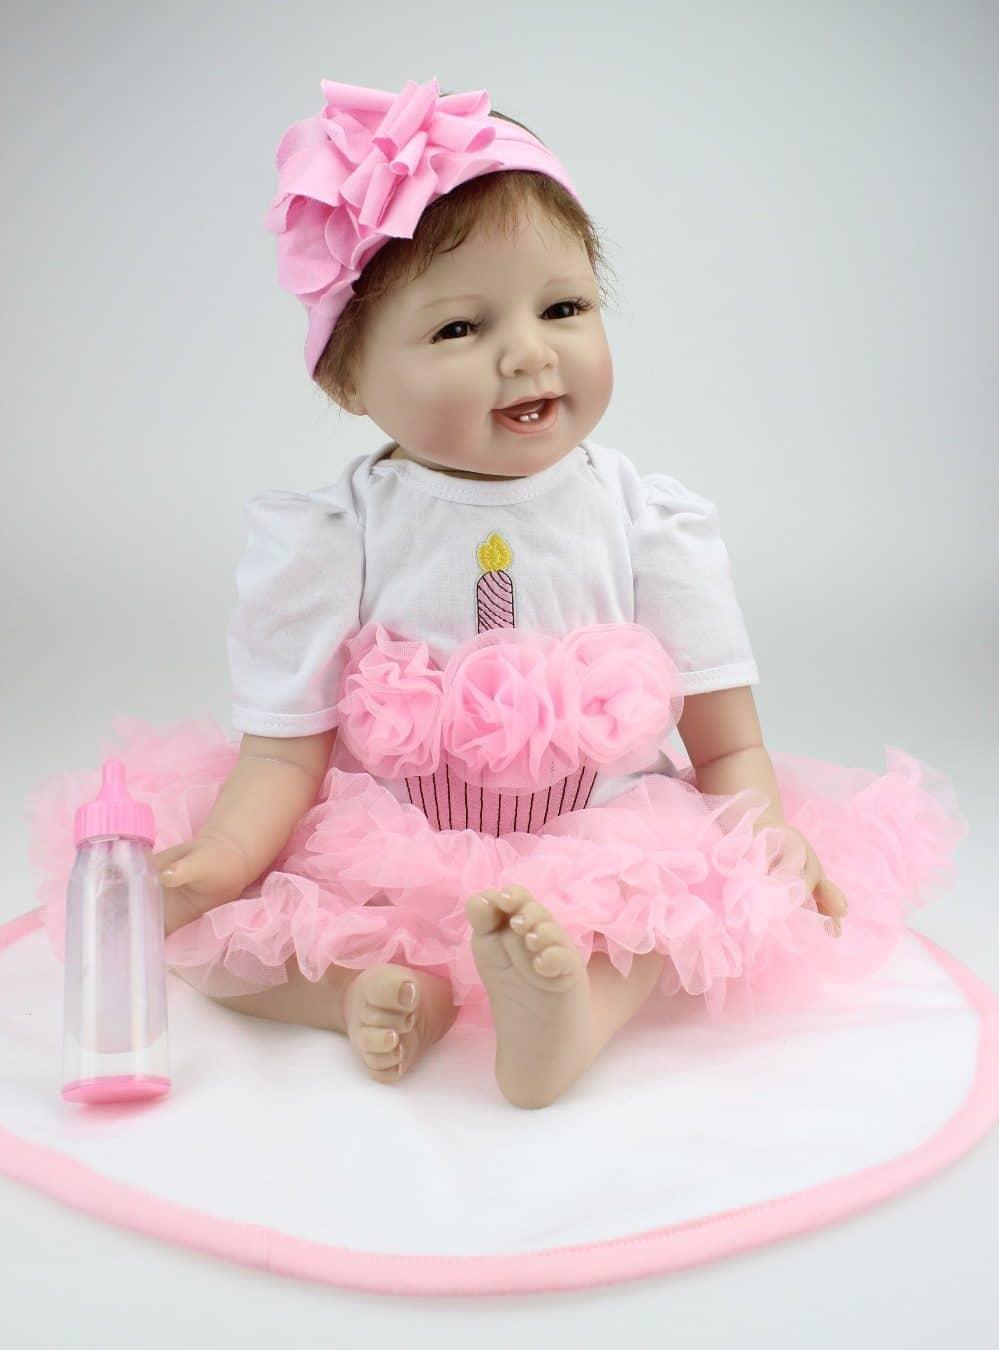 Кукла Реборн: девочка, 1 год купить на Алиэкспресс